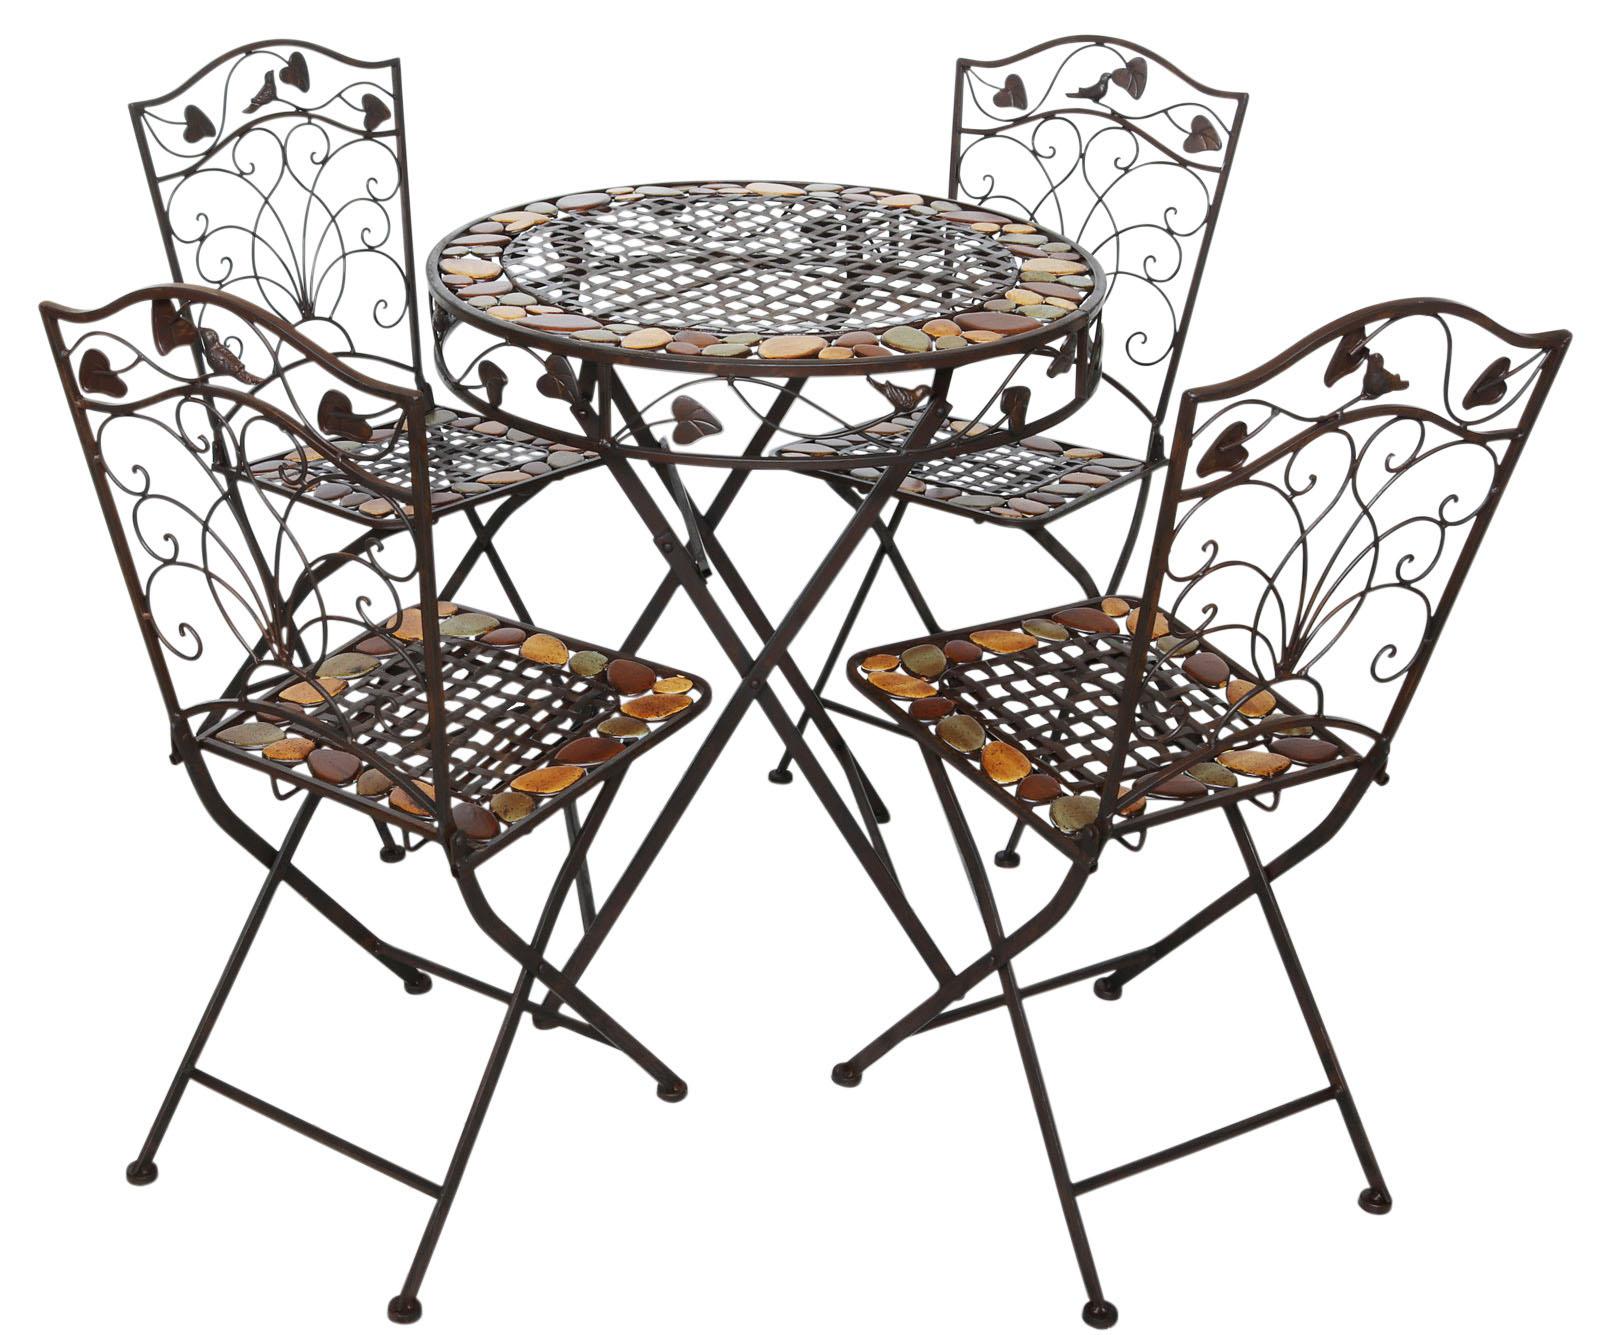 Tavoli E Sedie In Ferro Per Giardino.Tavolo Da Giardino E 4 Sedie In Ferro Battuto In Ferro In Stile